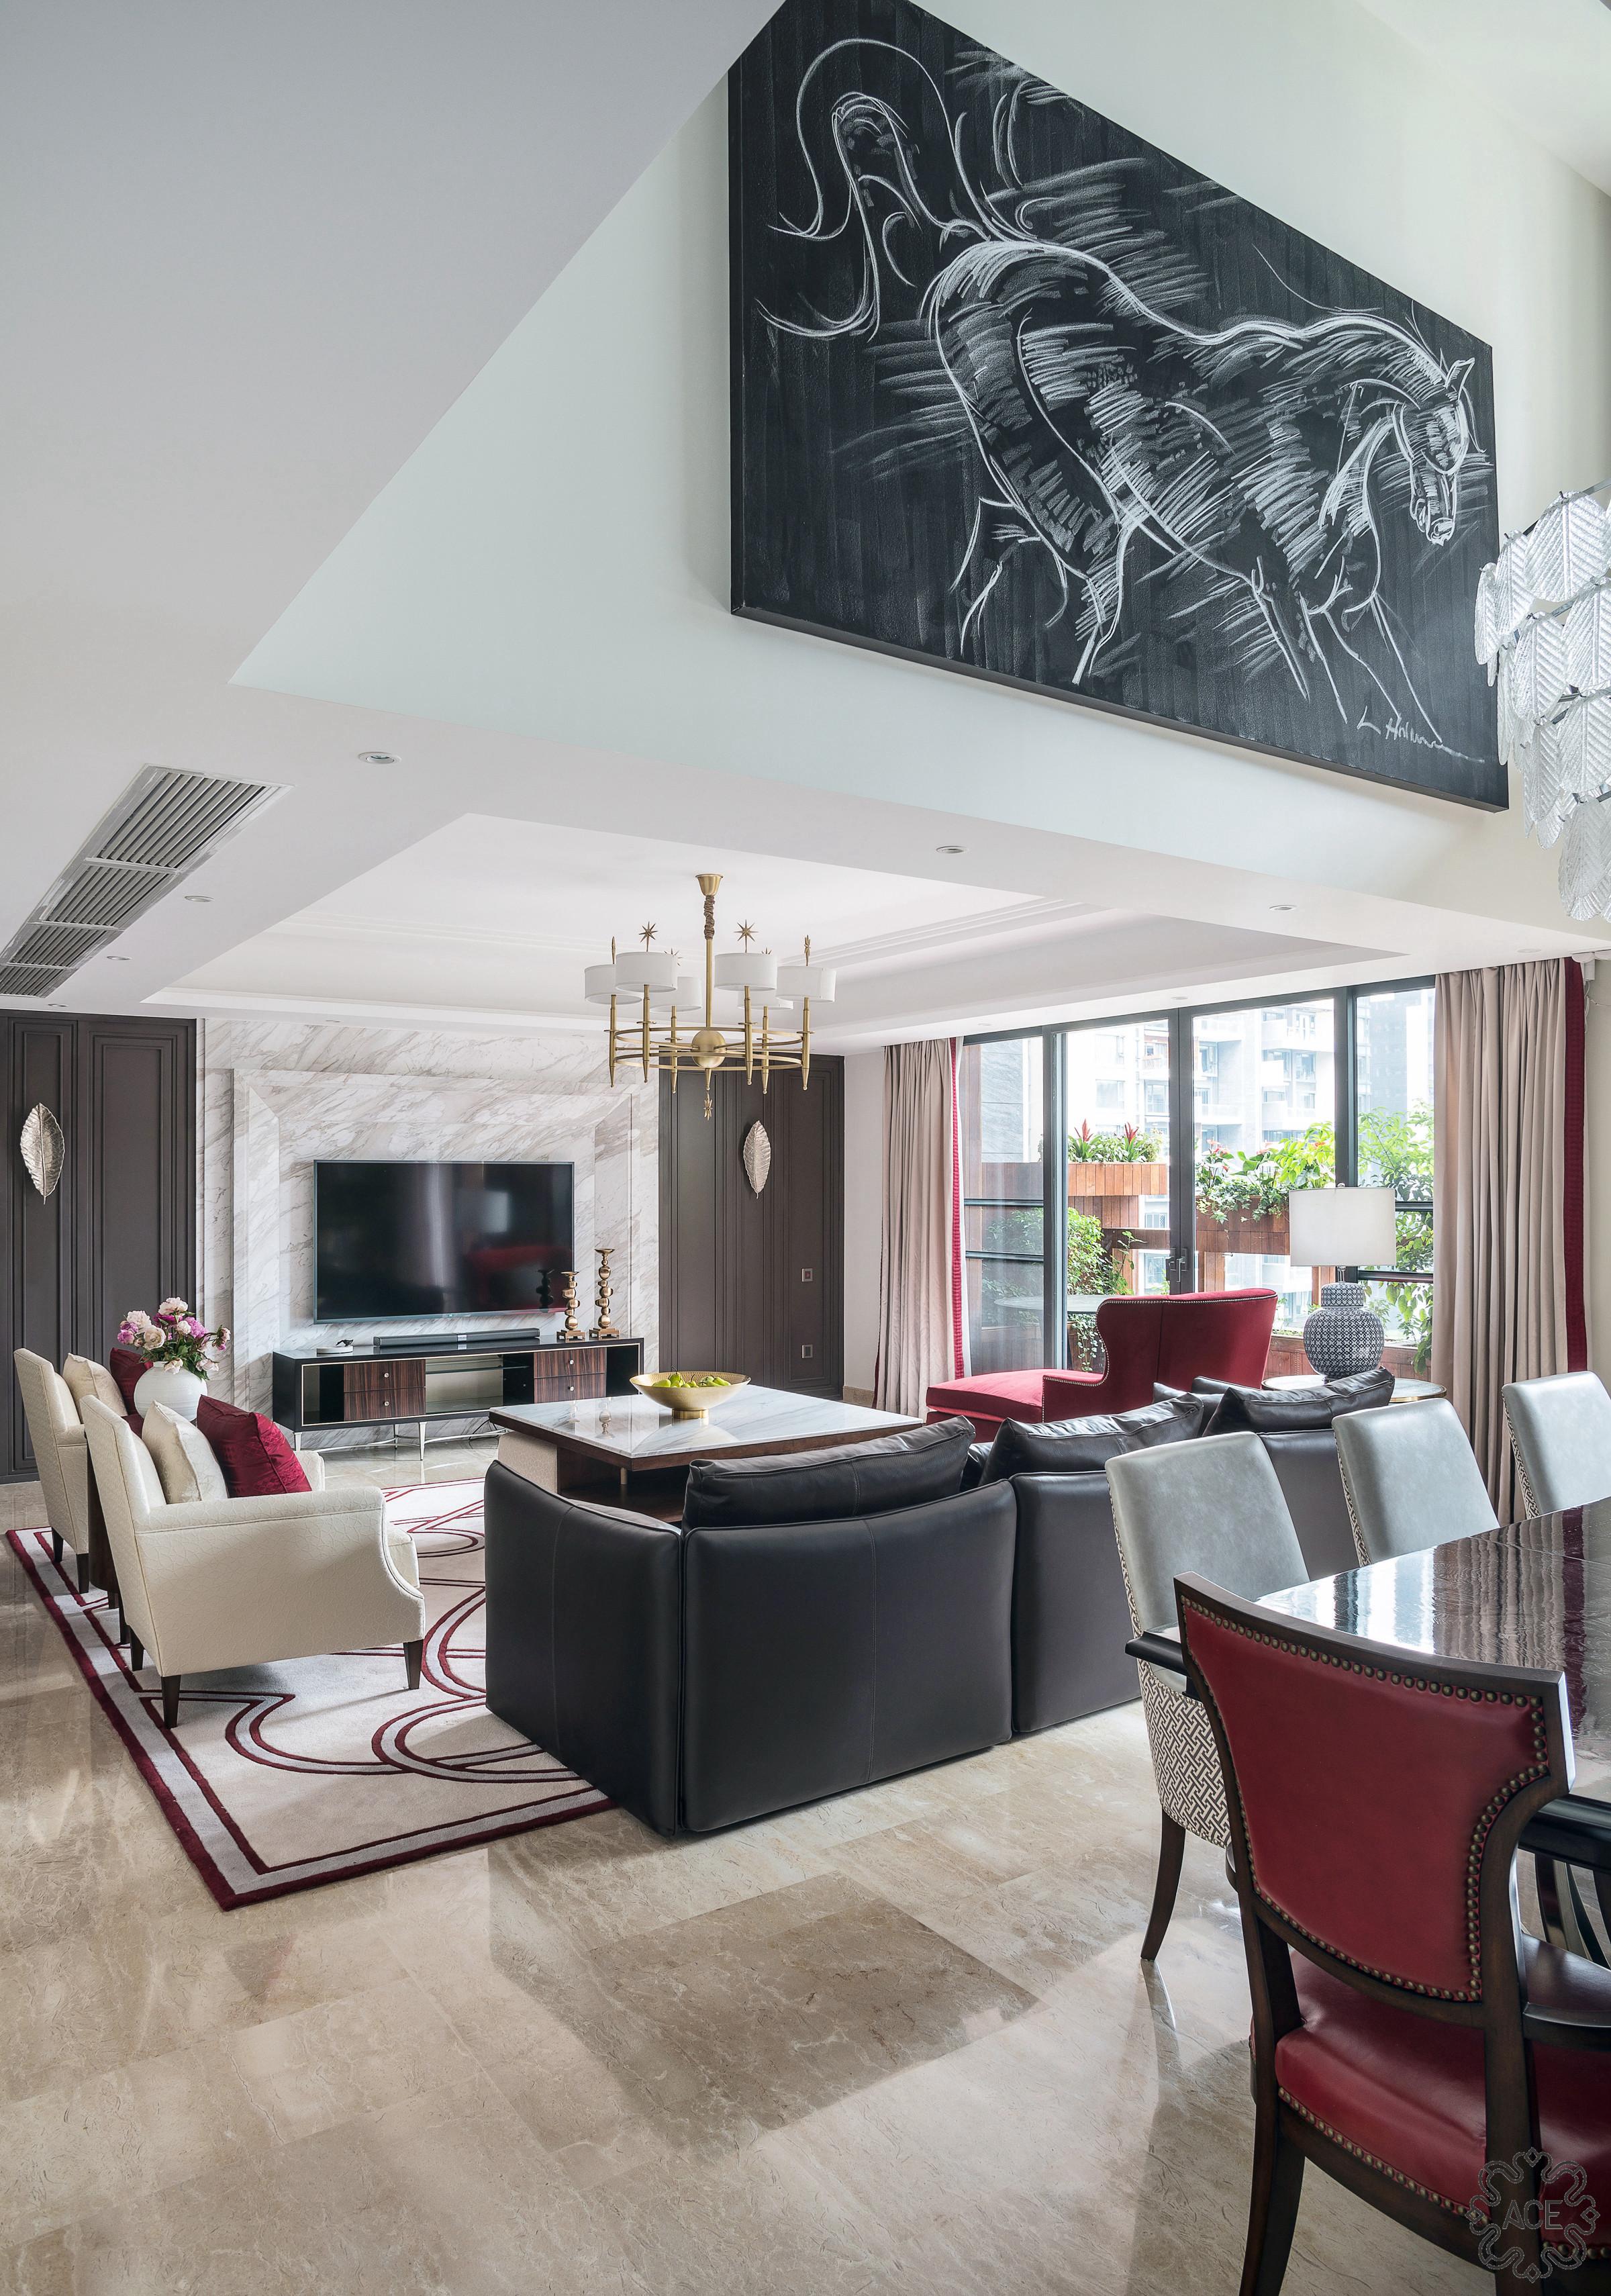 精装房改造 优雅住宅 气质 沉稳 餐厅图片来自谢辉室内定制设计服务机构在家之新颜的分享